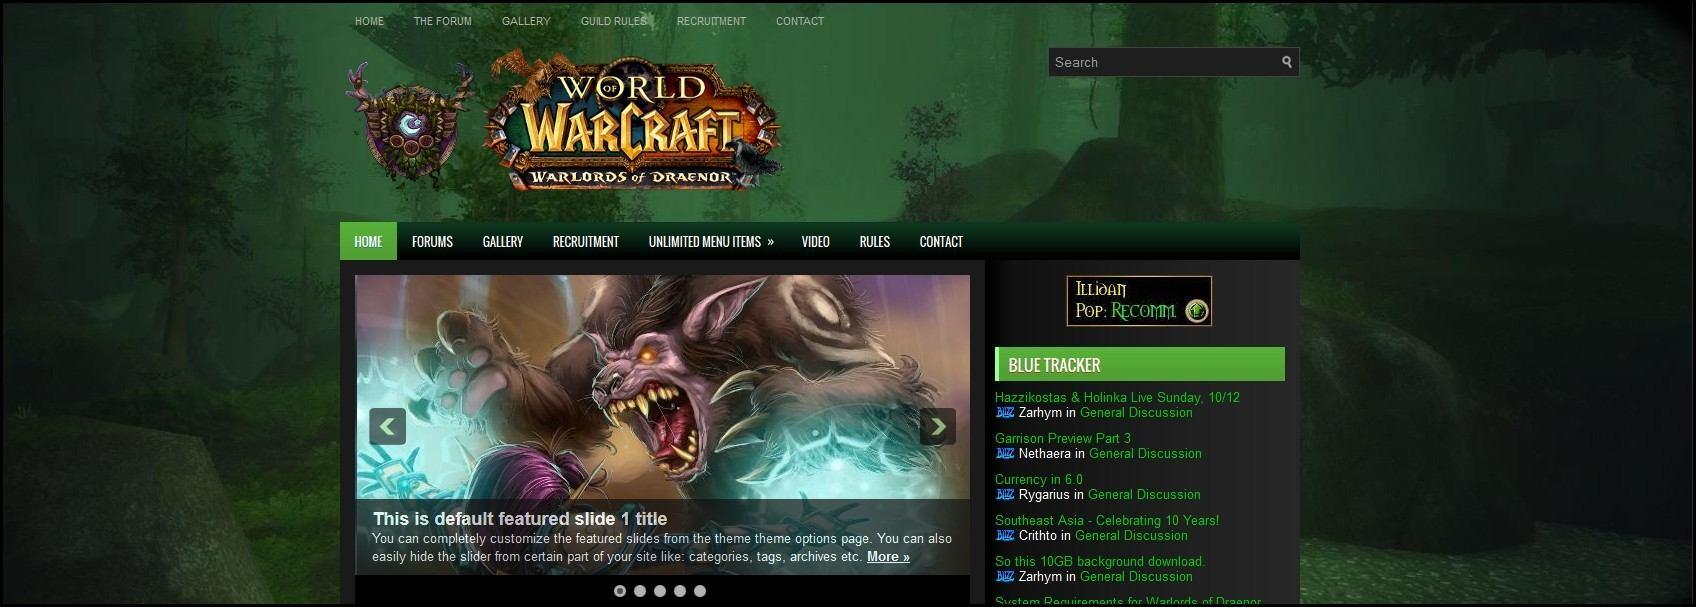 Druid-Warcraft